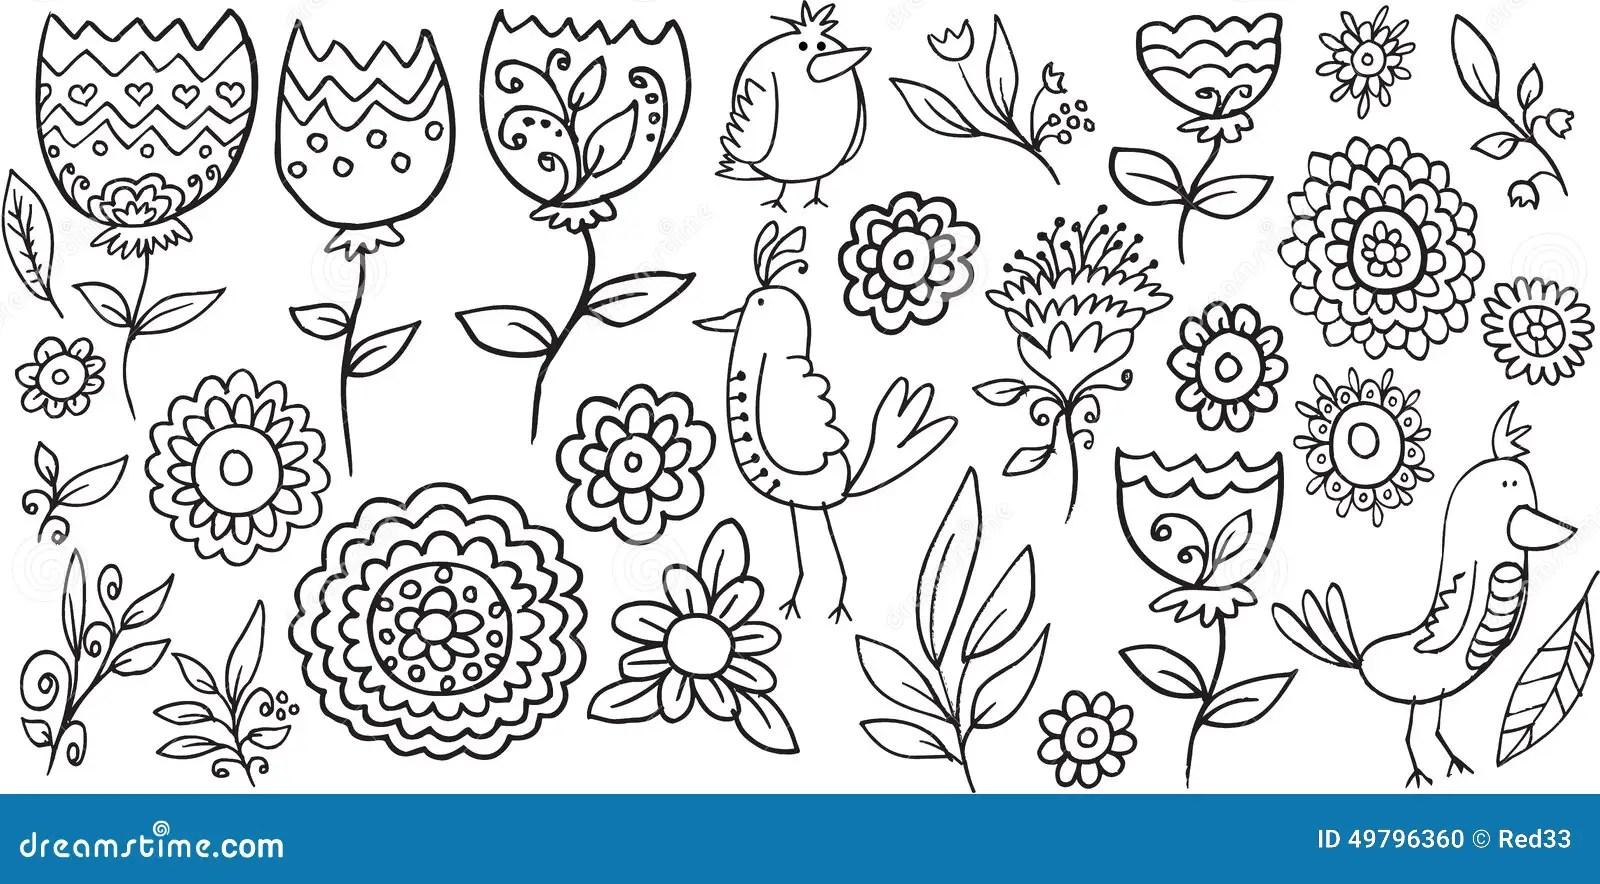 Flower Bird Doodle Vector Stock Vector  Image 49796360